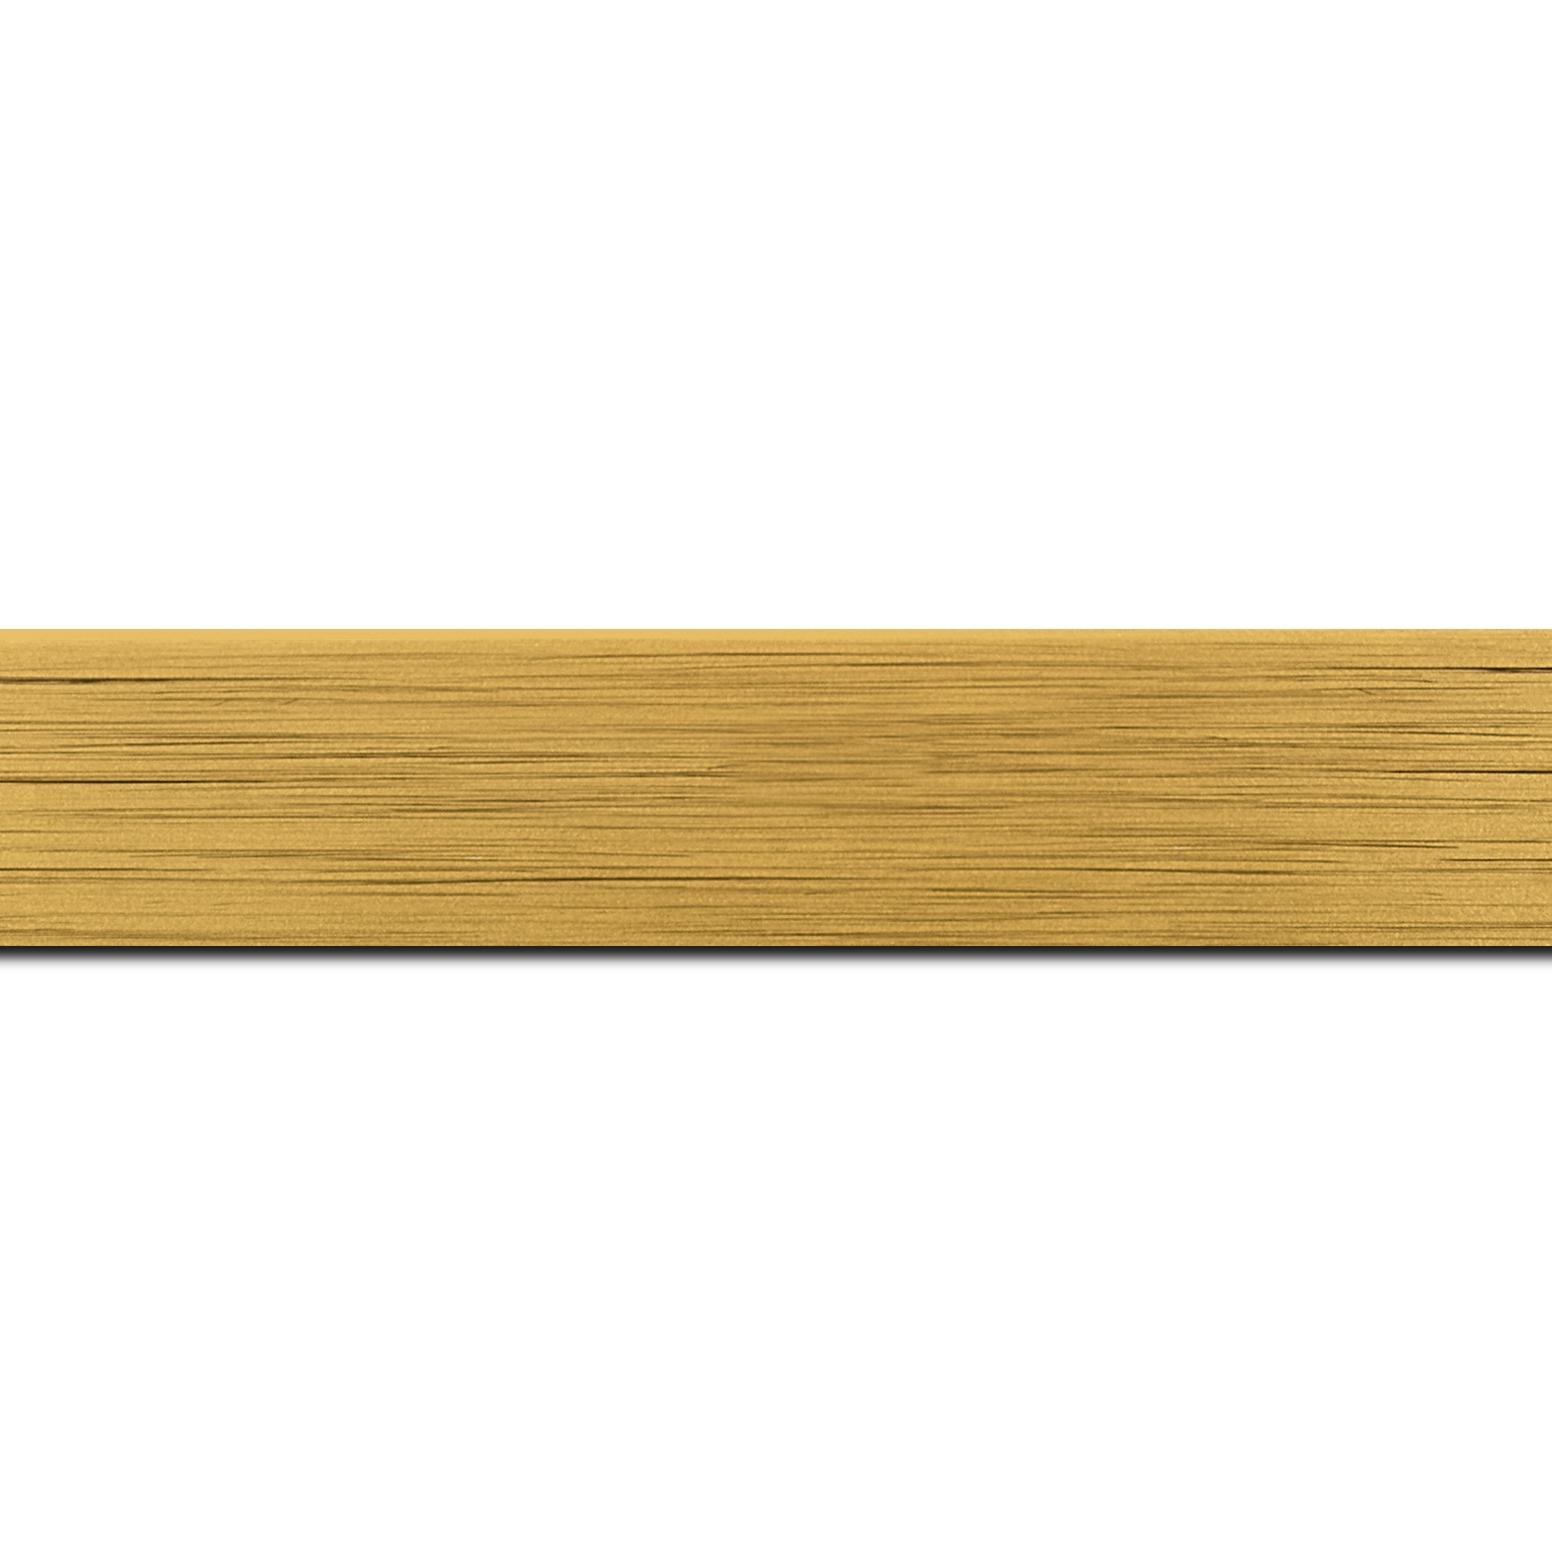 Pack par 12m, bois profil plat largeur 2.5cm hauteur 4.8cm or contemporain (hauteur feuillure 4.3cm )(longueur baguette pouvant varier entre 2.40m et 3m selon arrivage des bois)